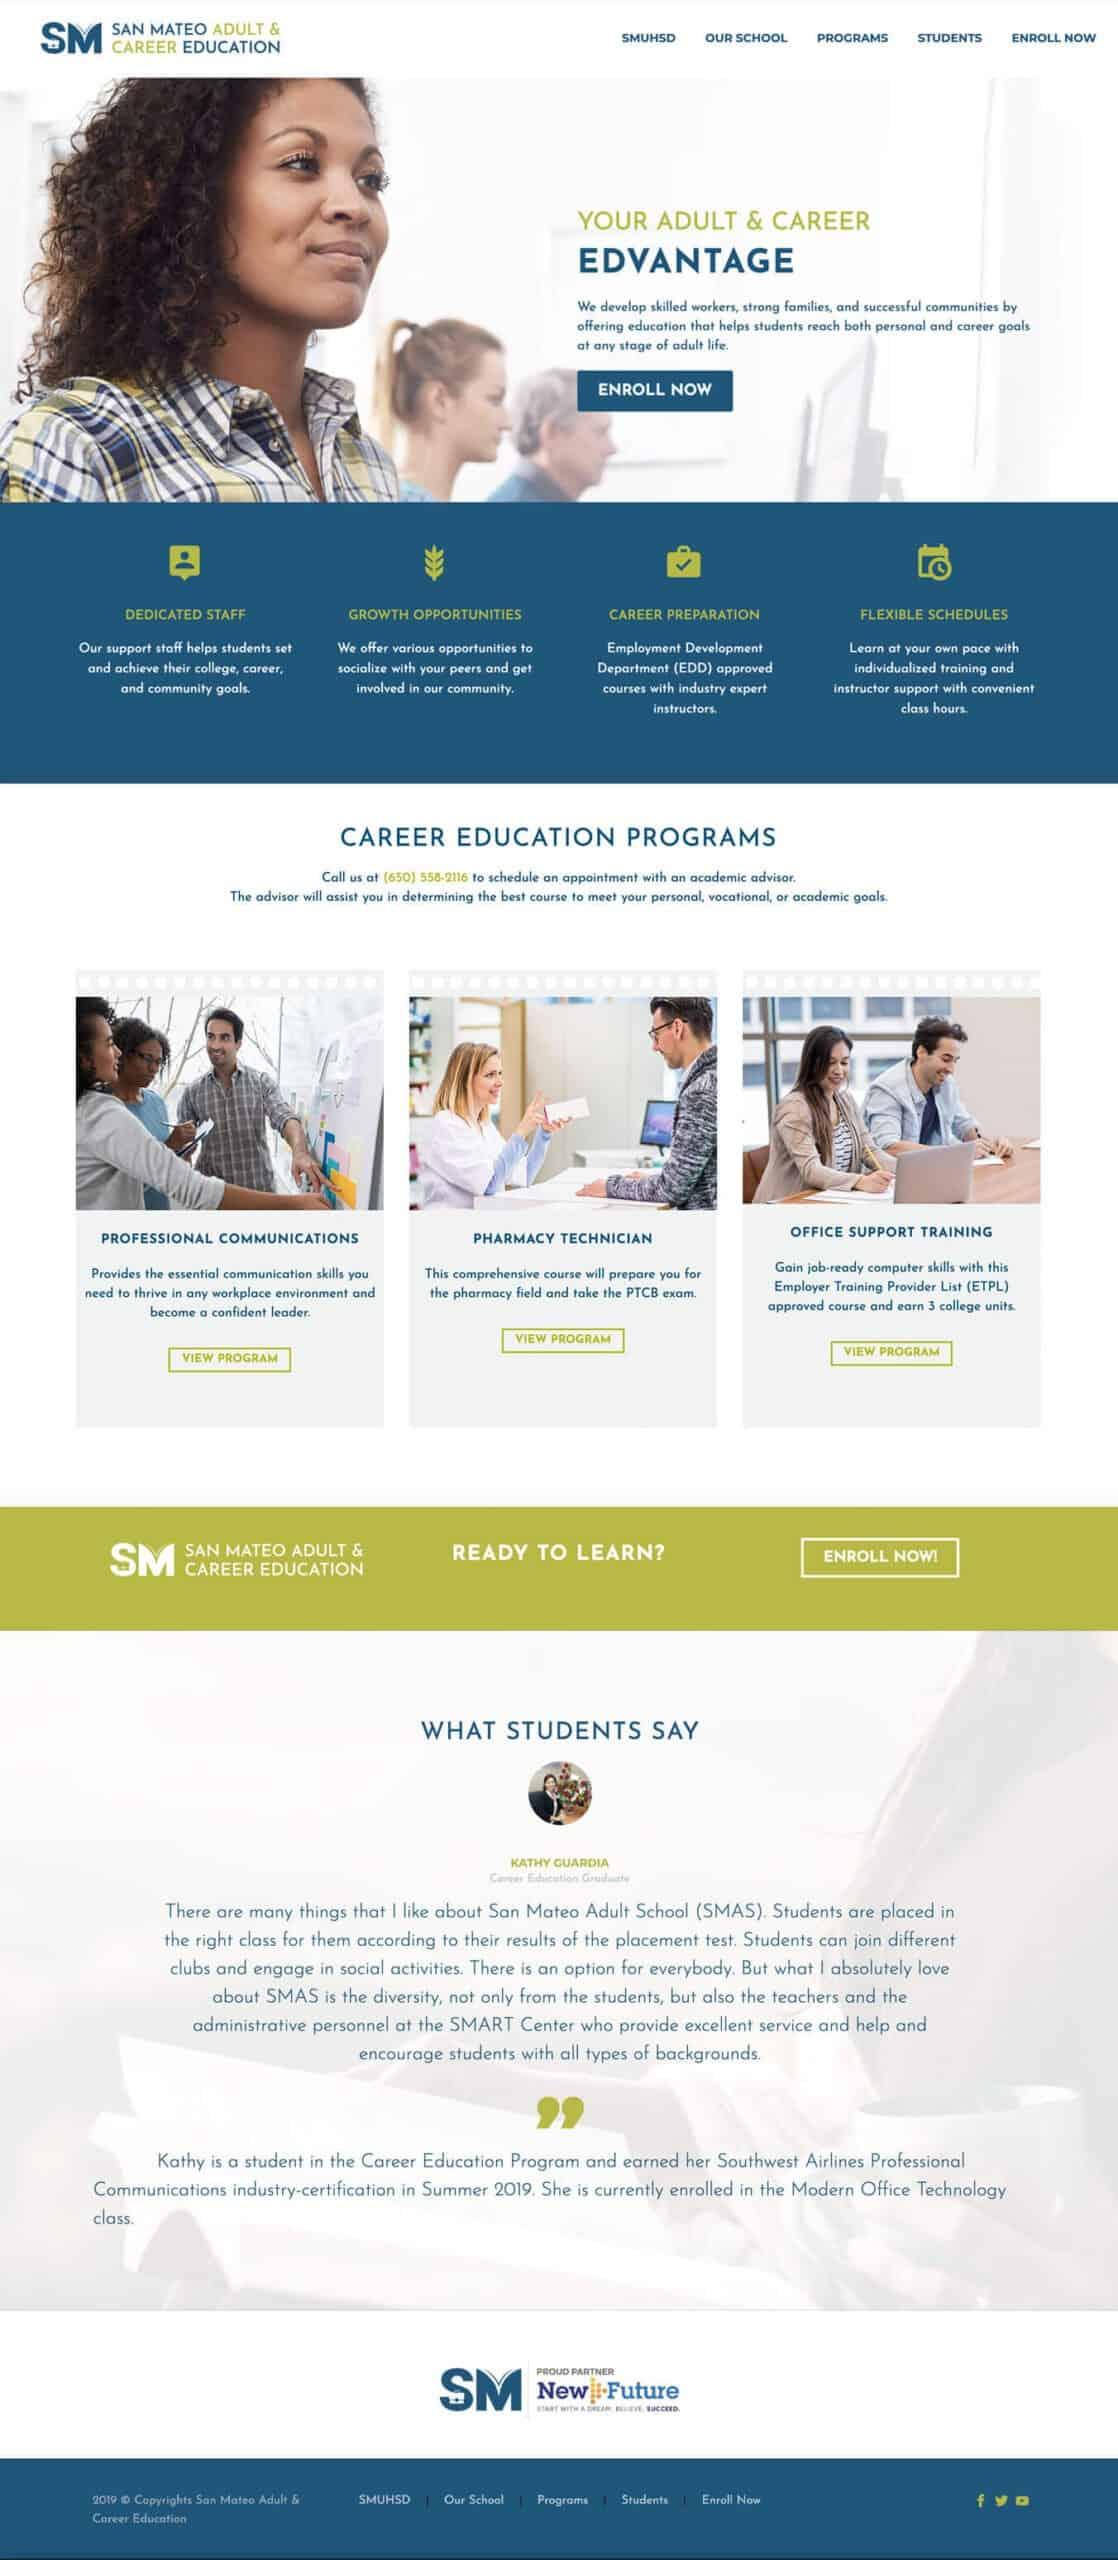 San Mateo Adult & Career Education Web